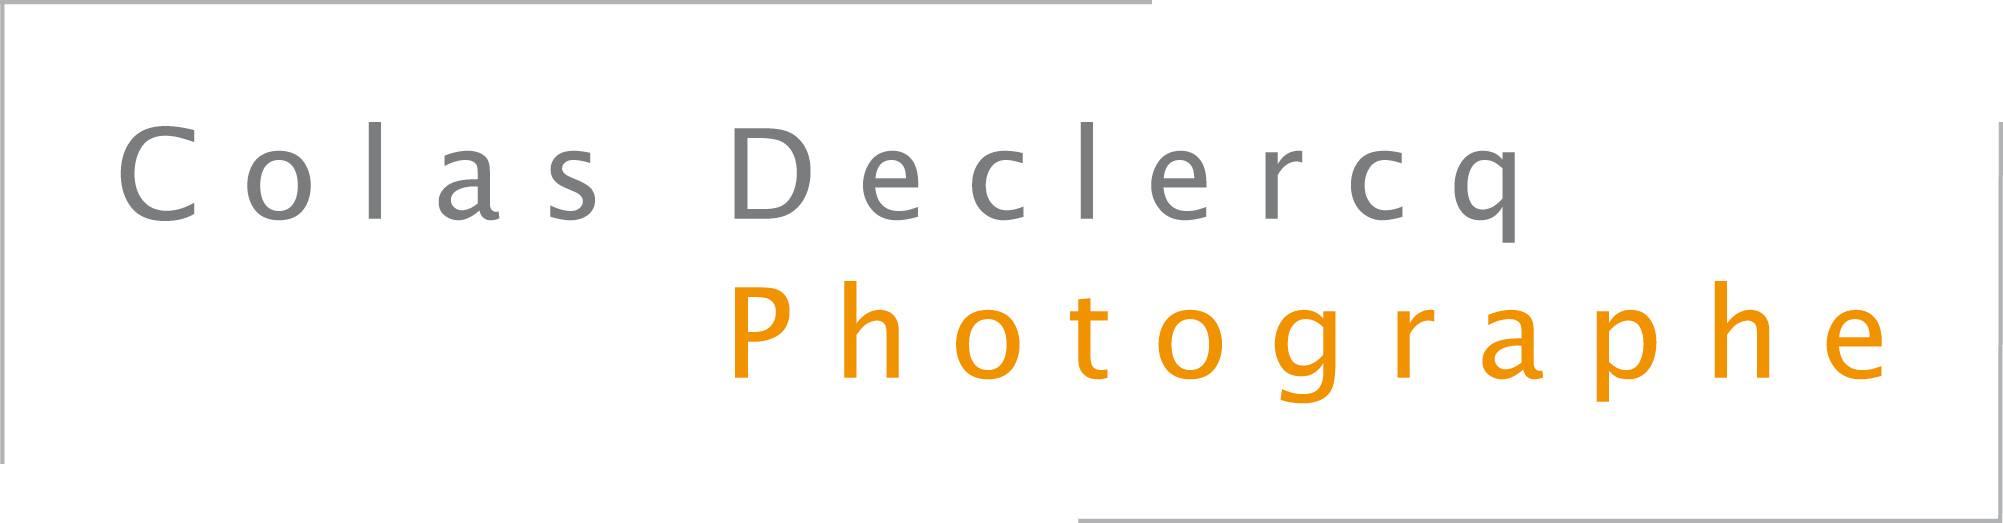 Colas Declercq Photographe partenaire Com1Even